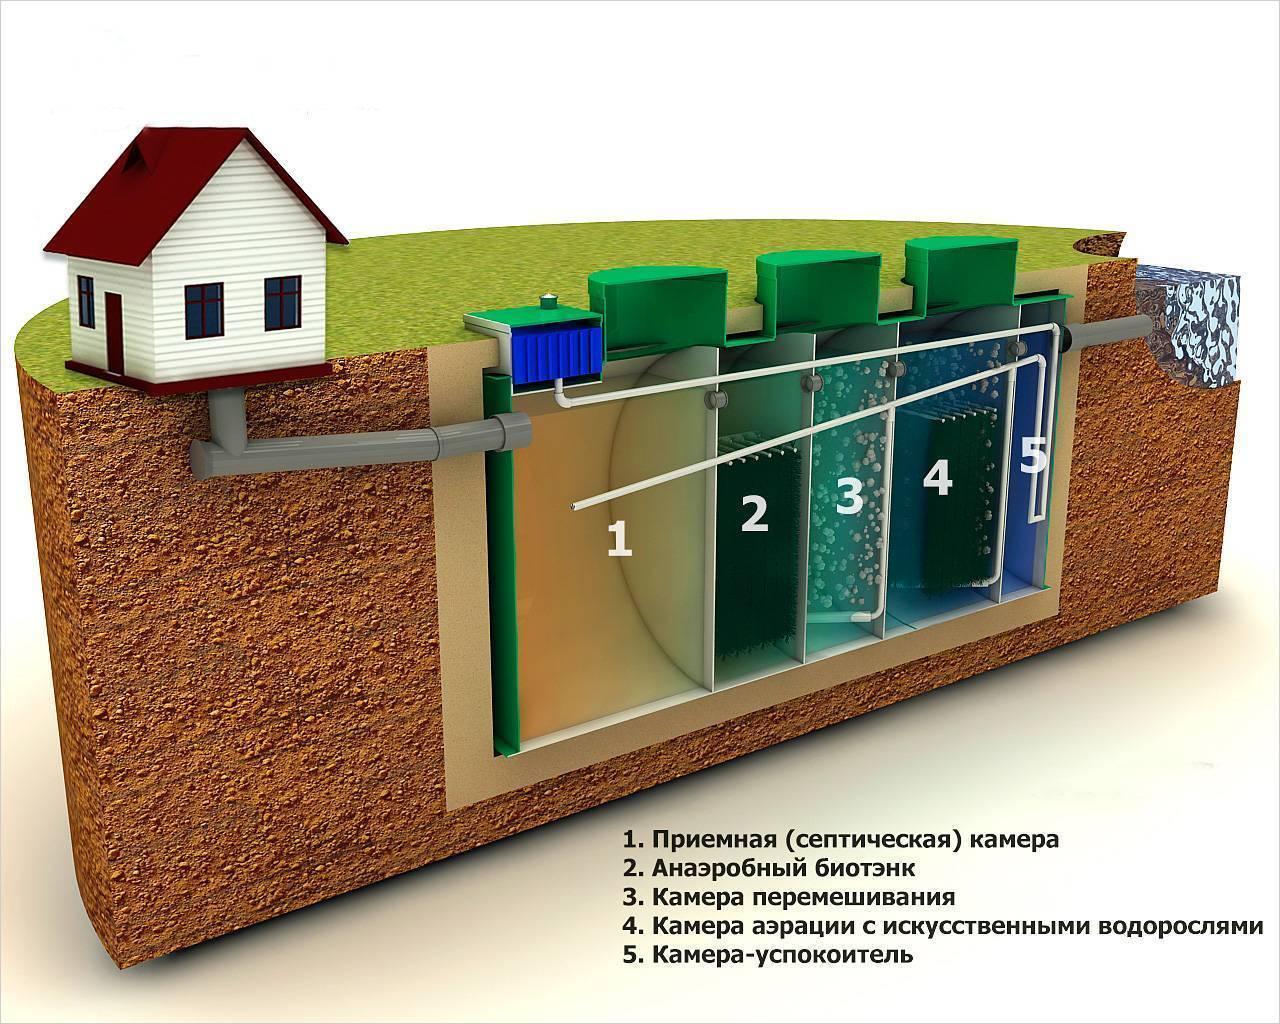 Альта био септик: принцип действия, модельный ряд, преимущества оборудования